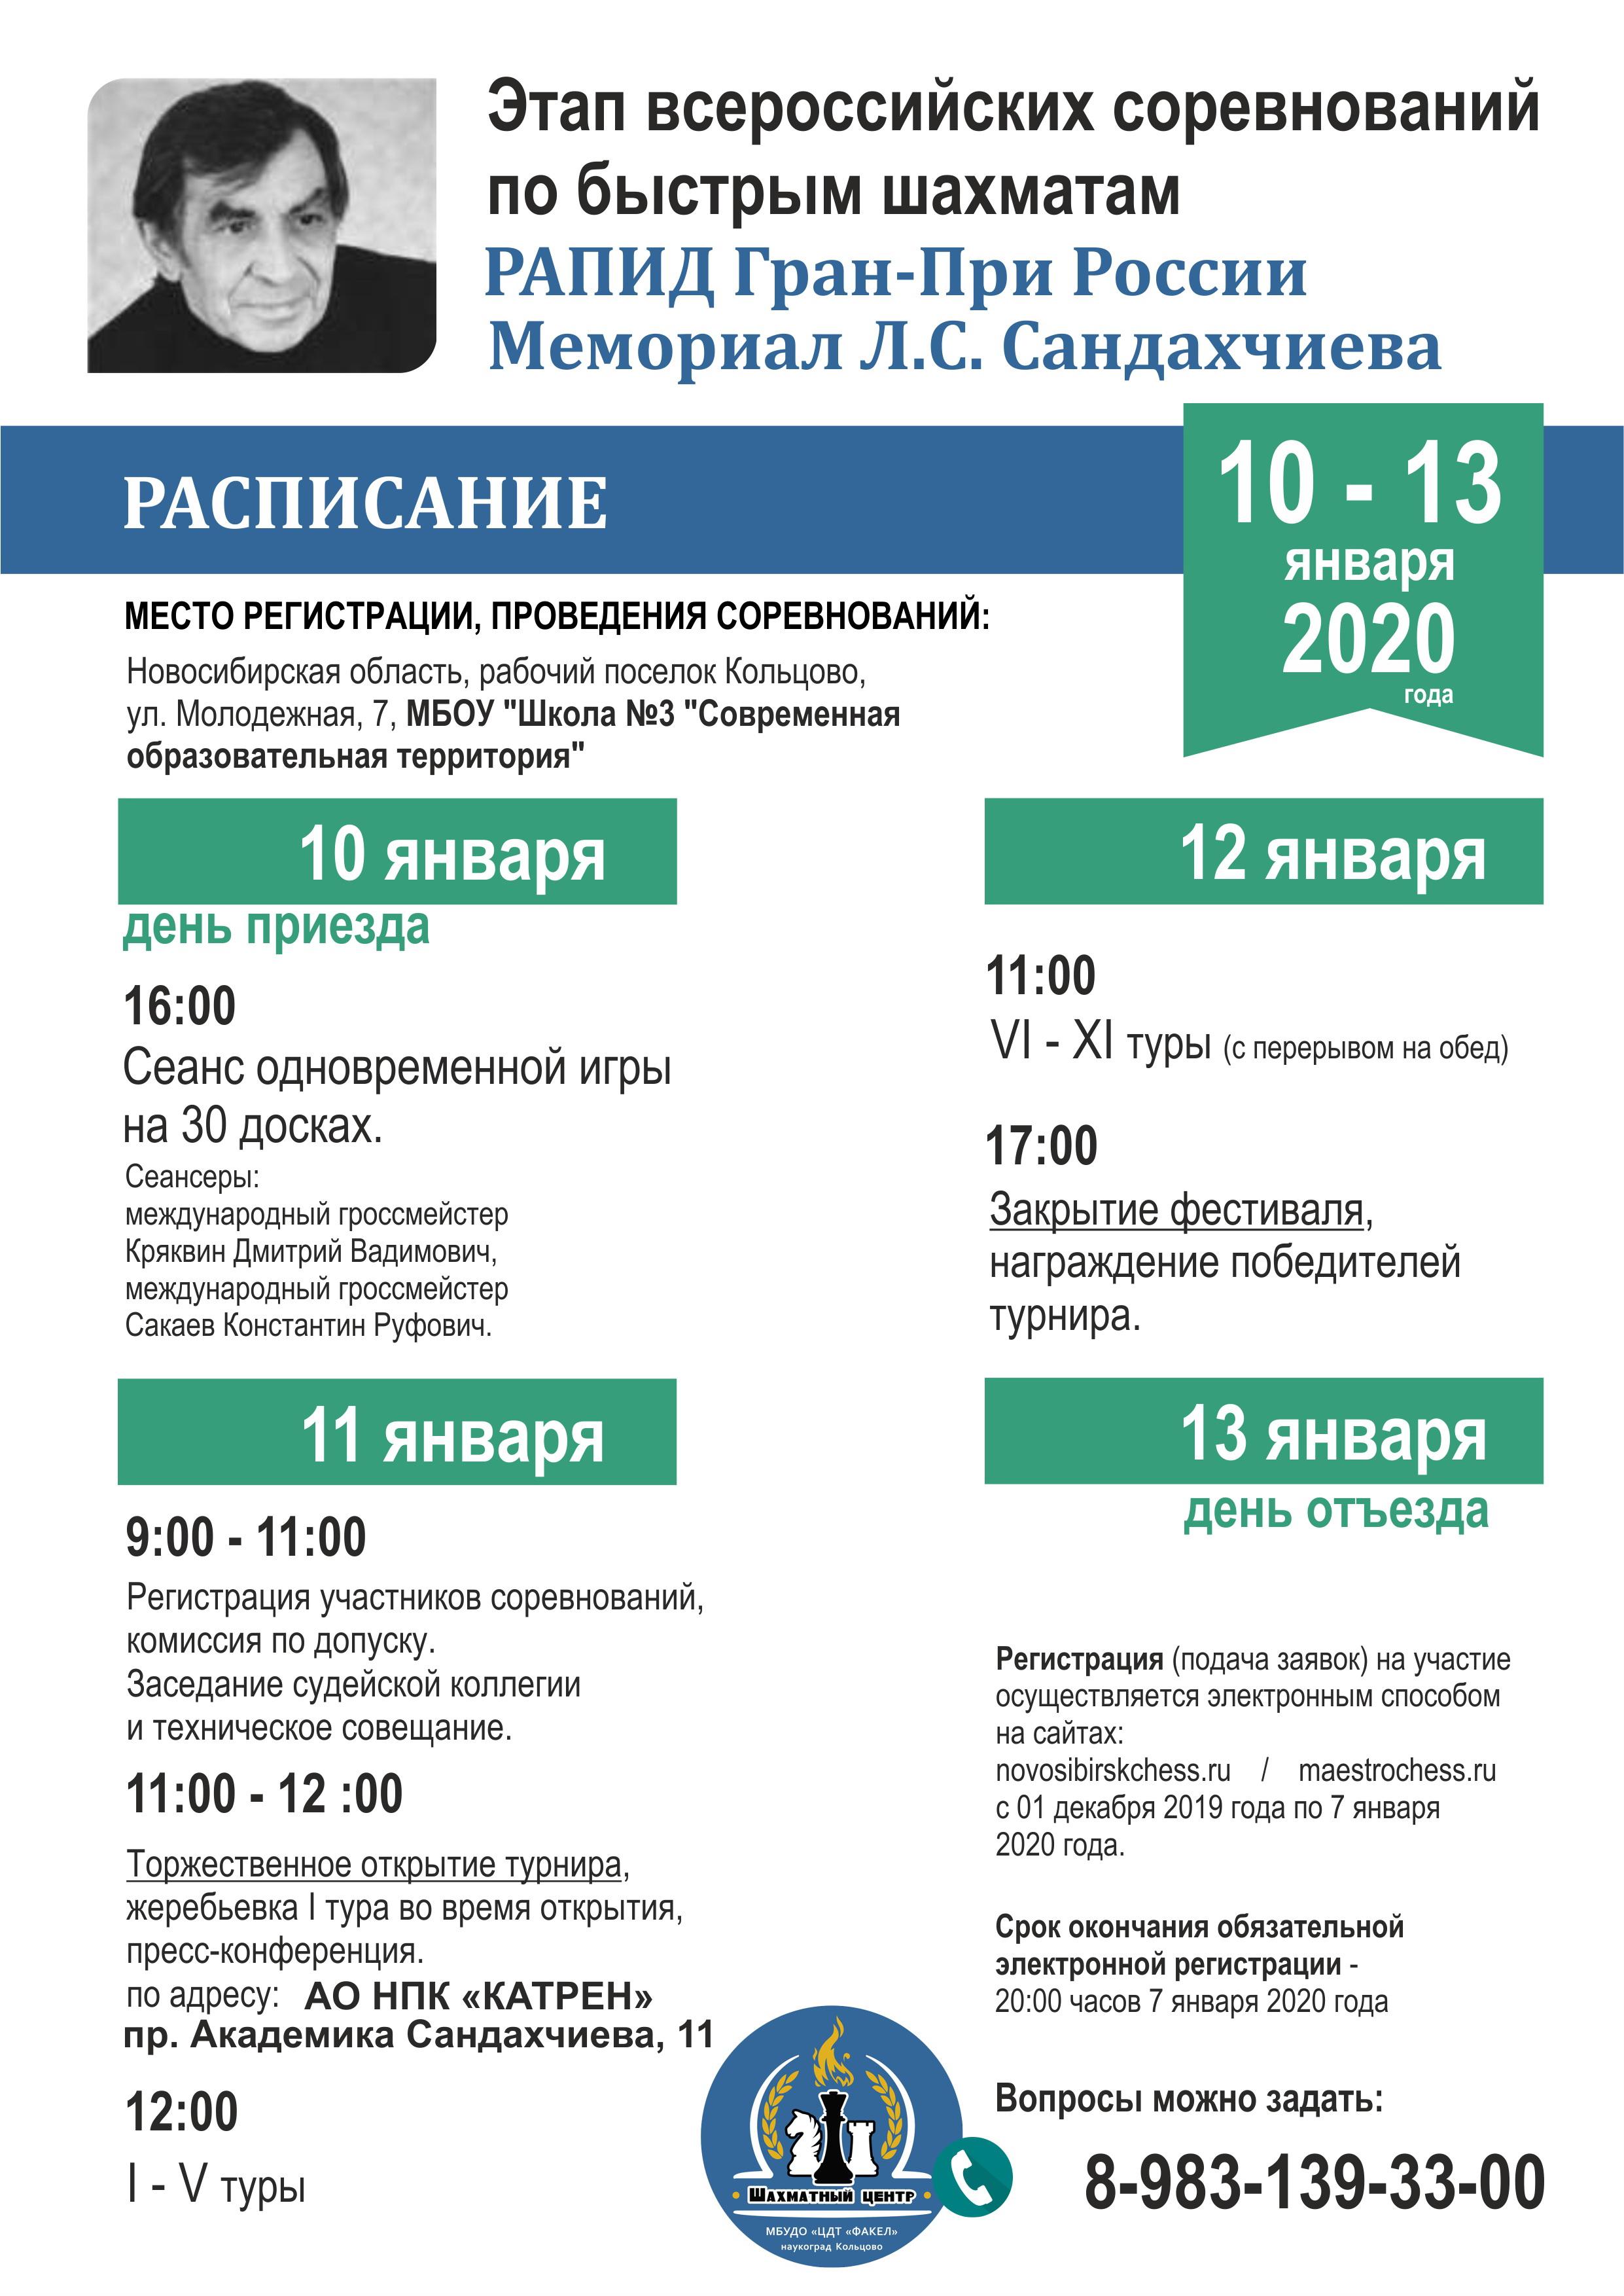 Расписание_афиша_ шахматы_ 2020.jpg итог (1).jpg